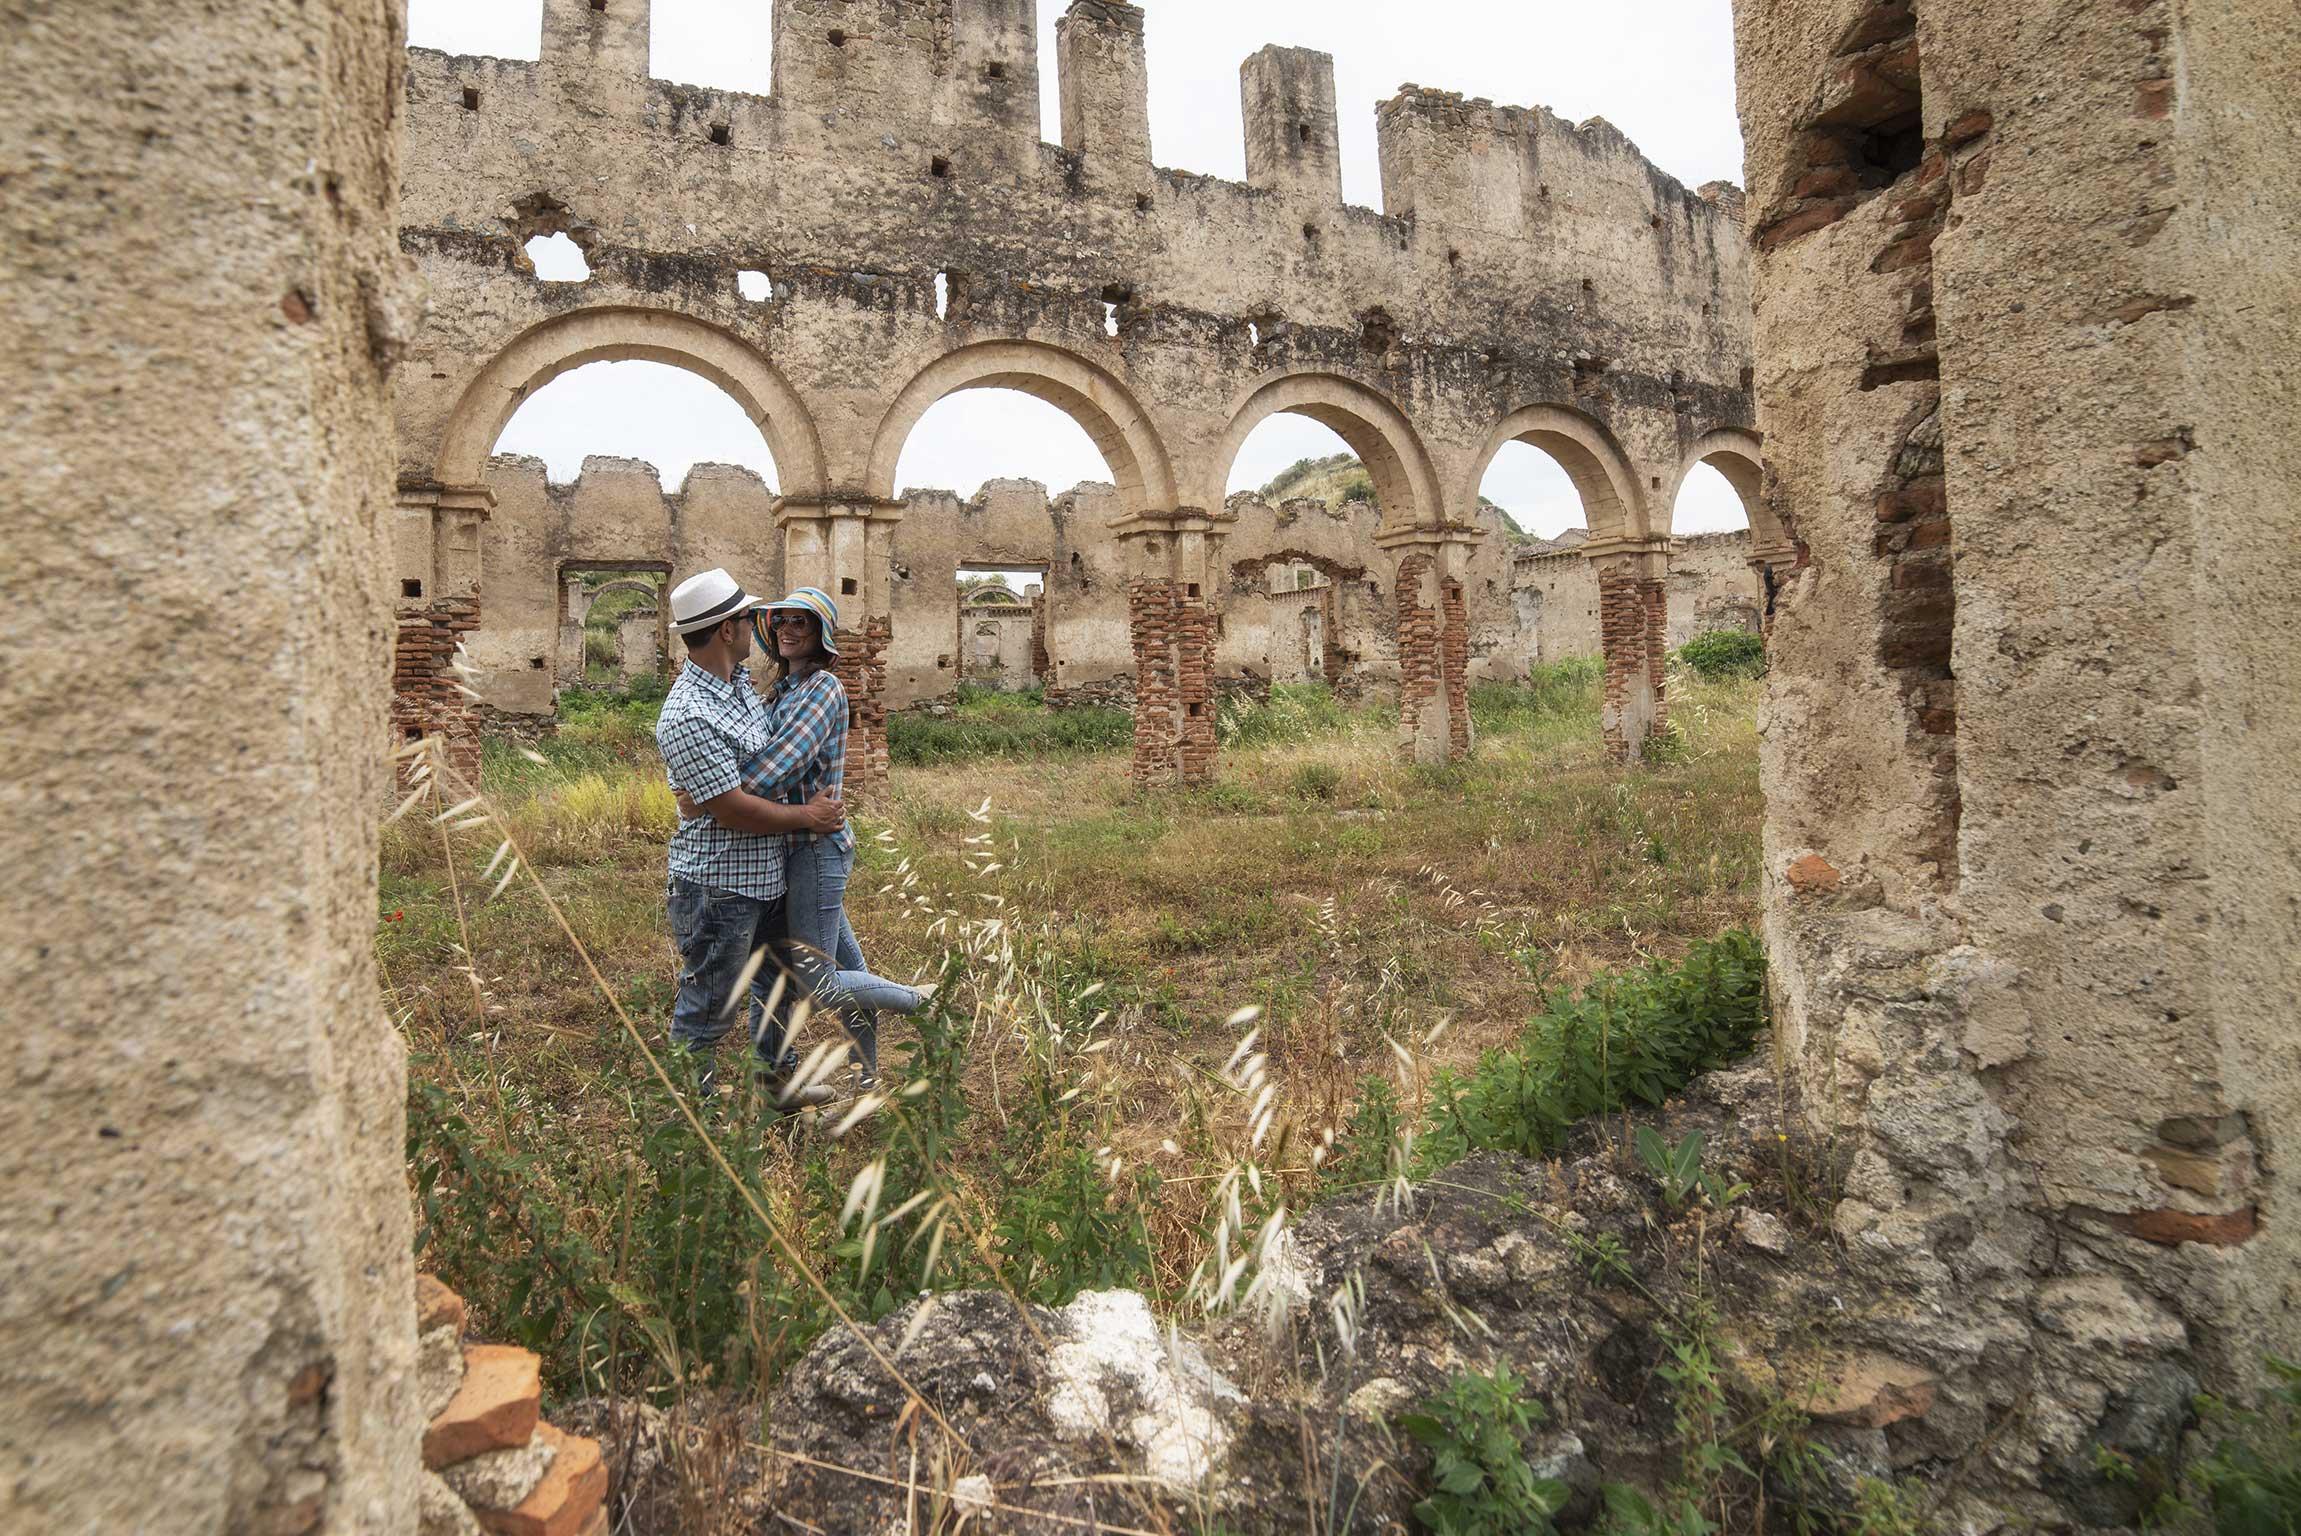 Turismo esperienziale in Calabria: visitare il Castello di San Mauro a Corigliano Calabro